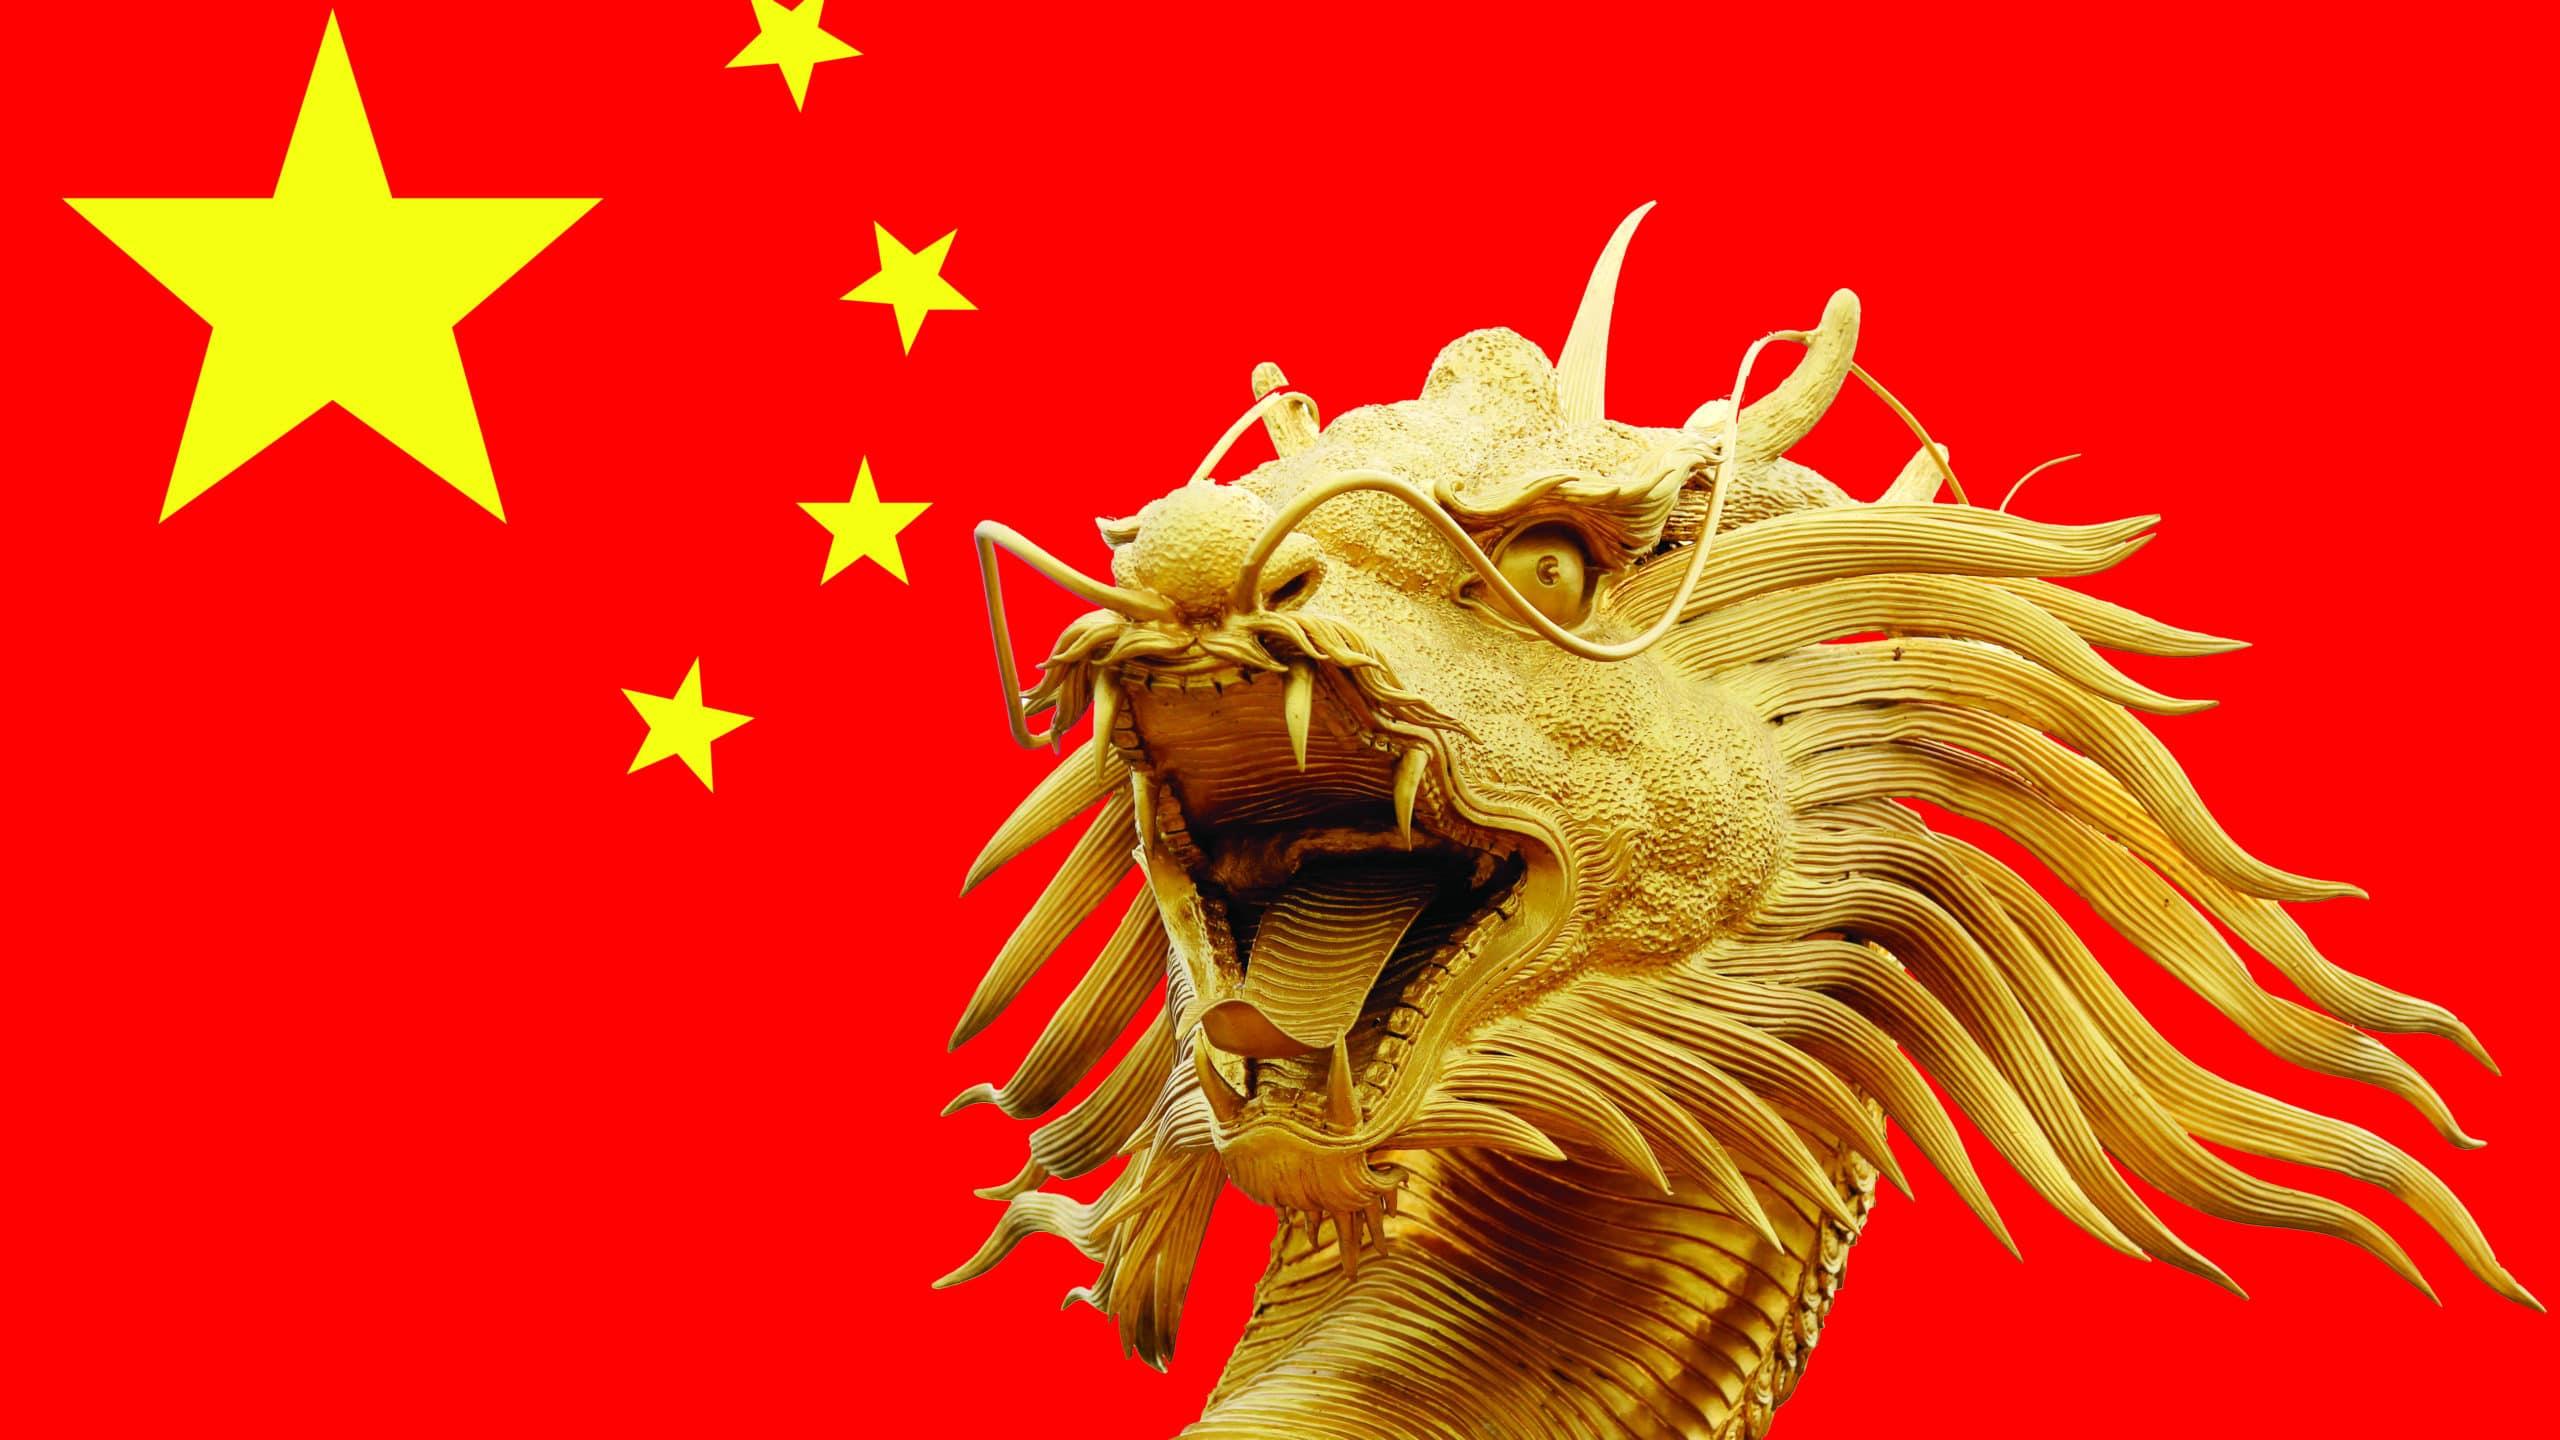 Drache erwacht: Warum China für Aktieninvestoren wichtig ist